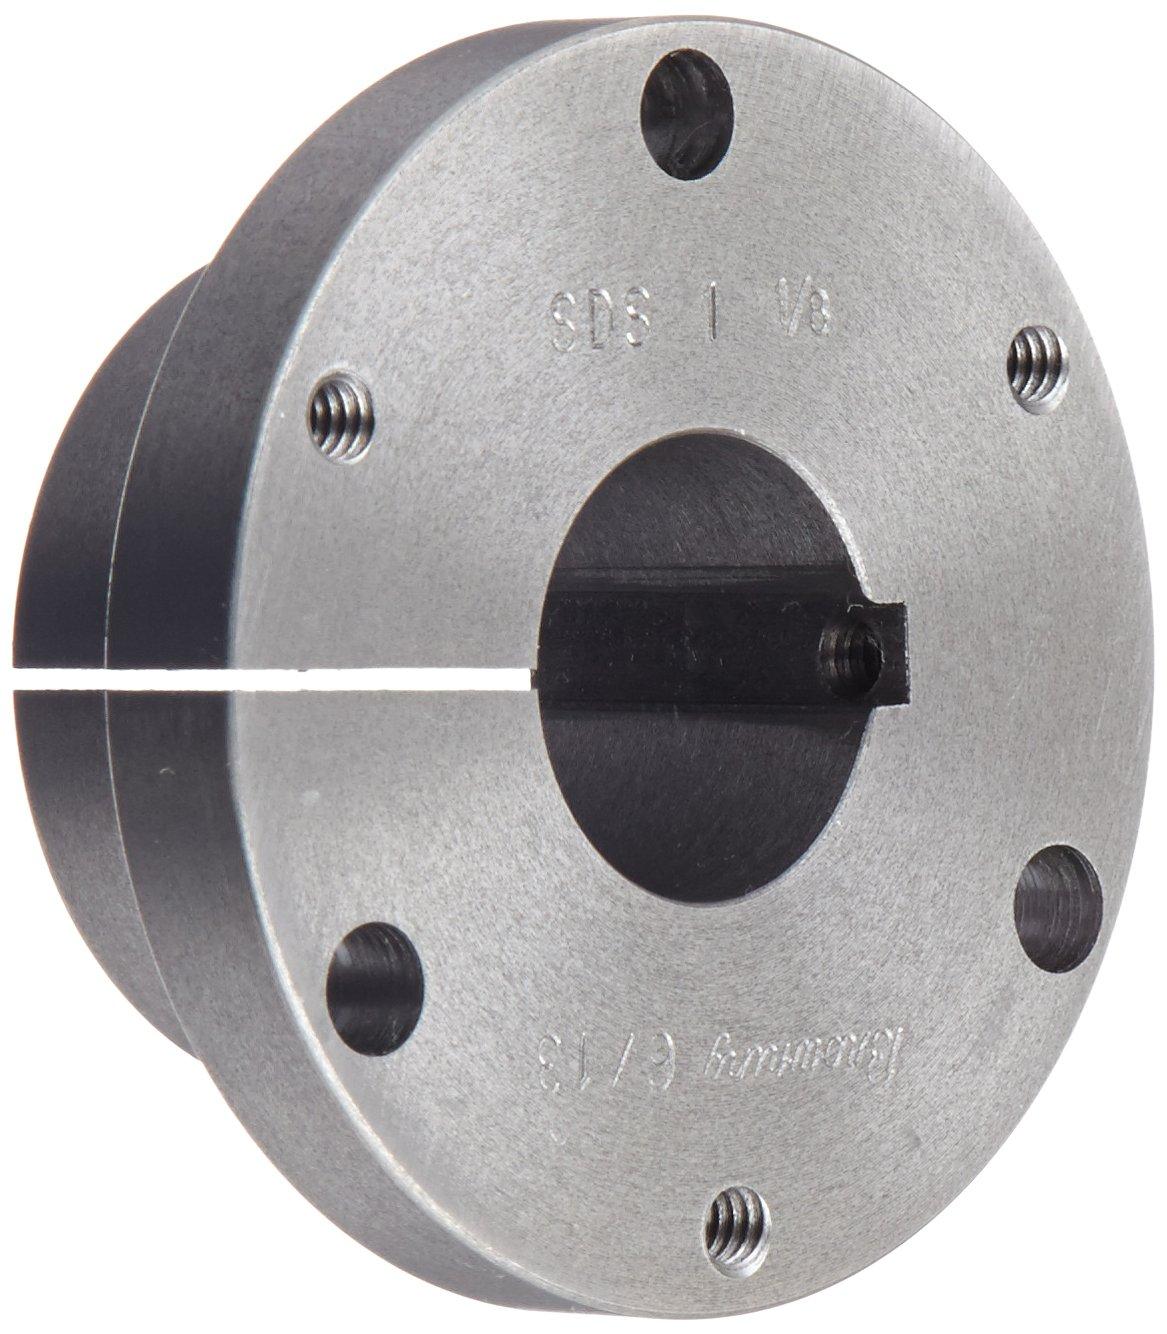 4 VISHAY RNC55K1001FS NSN:5905-00-432-0381 MIL-SPEC 1K OHM 1/% 1//8W RESISTORS